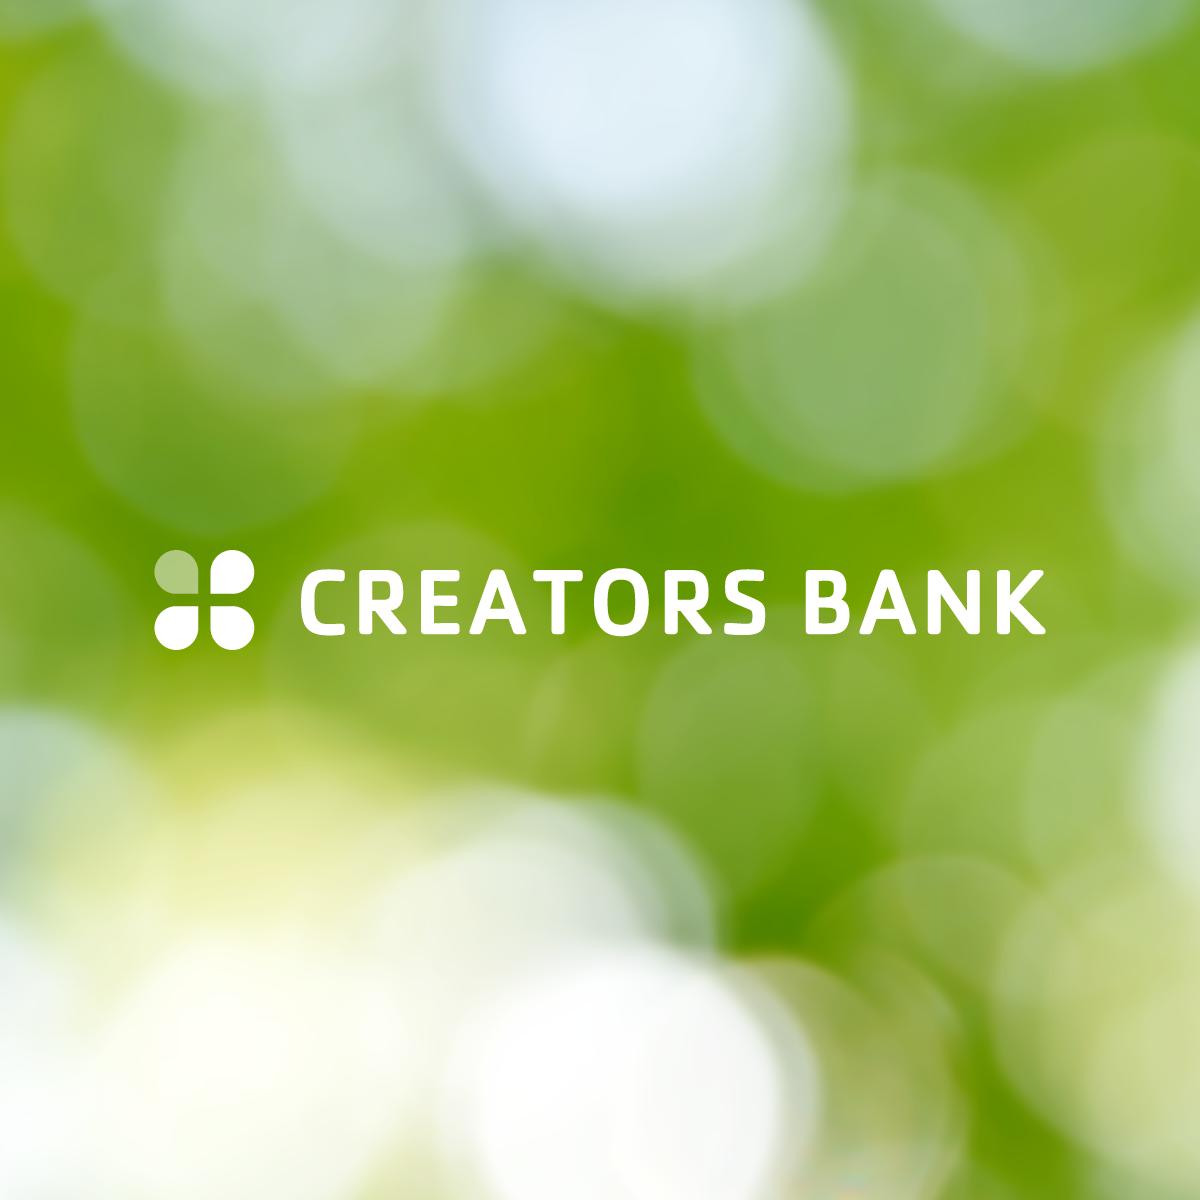 CREATORS BANKは、無料のWebポートフォリオを通じてあなたの作品を世界に向けて発信できる、クリエイターのためのコミュニティサイトです。